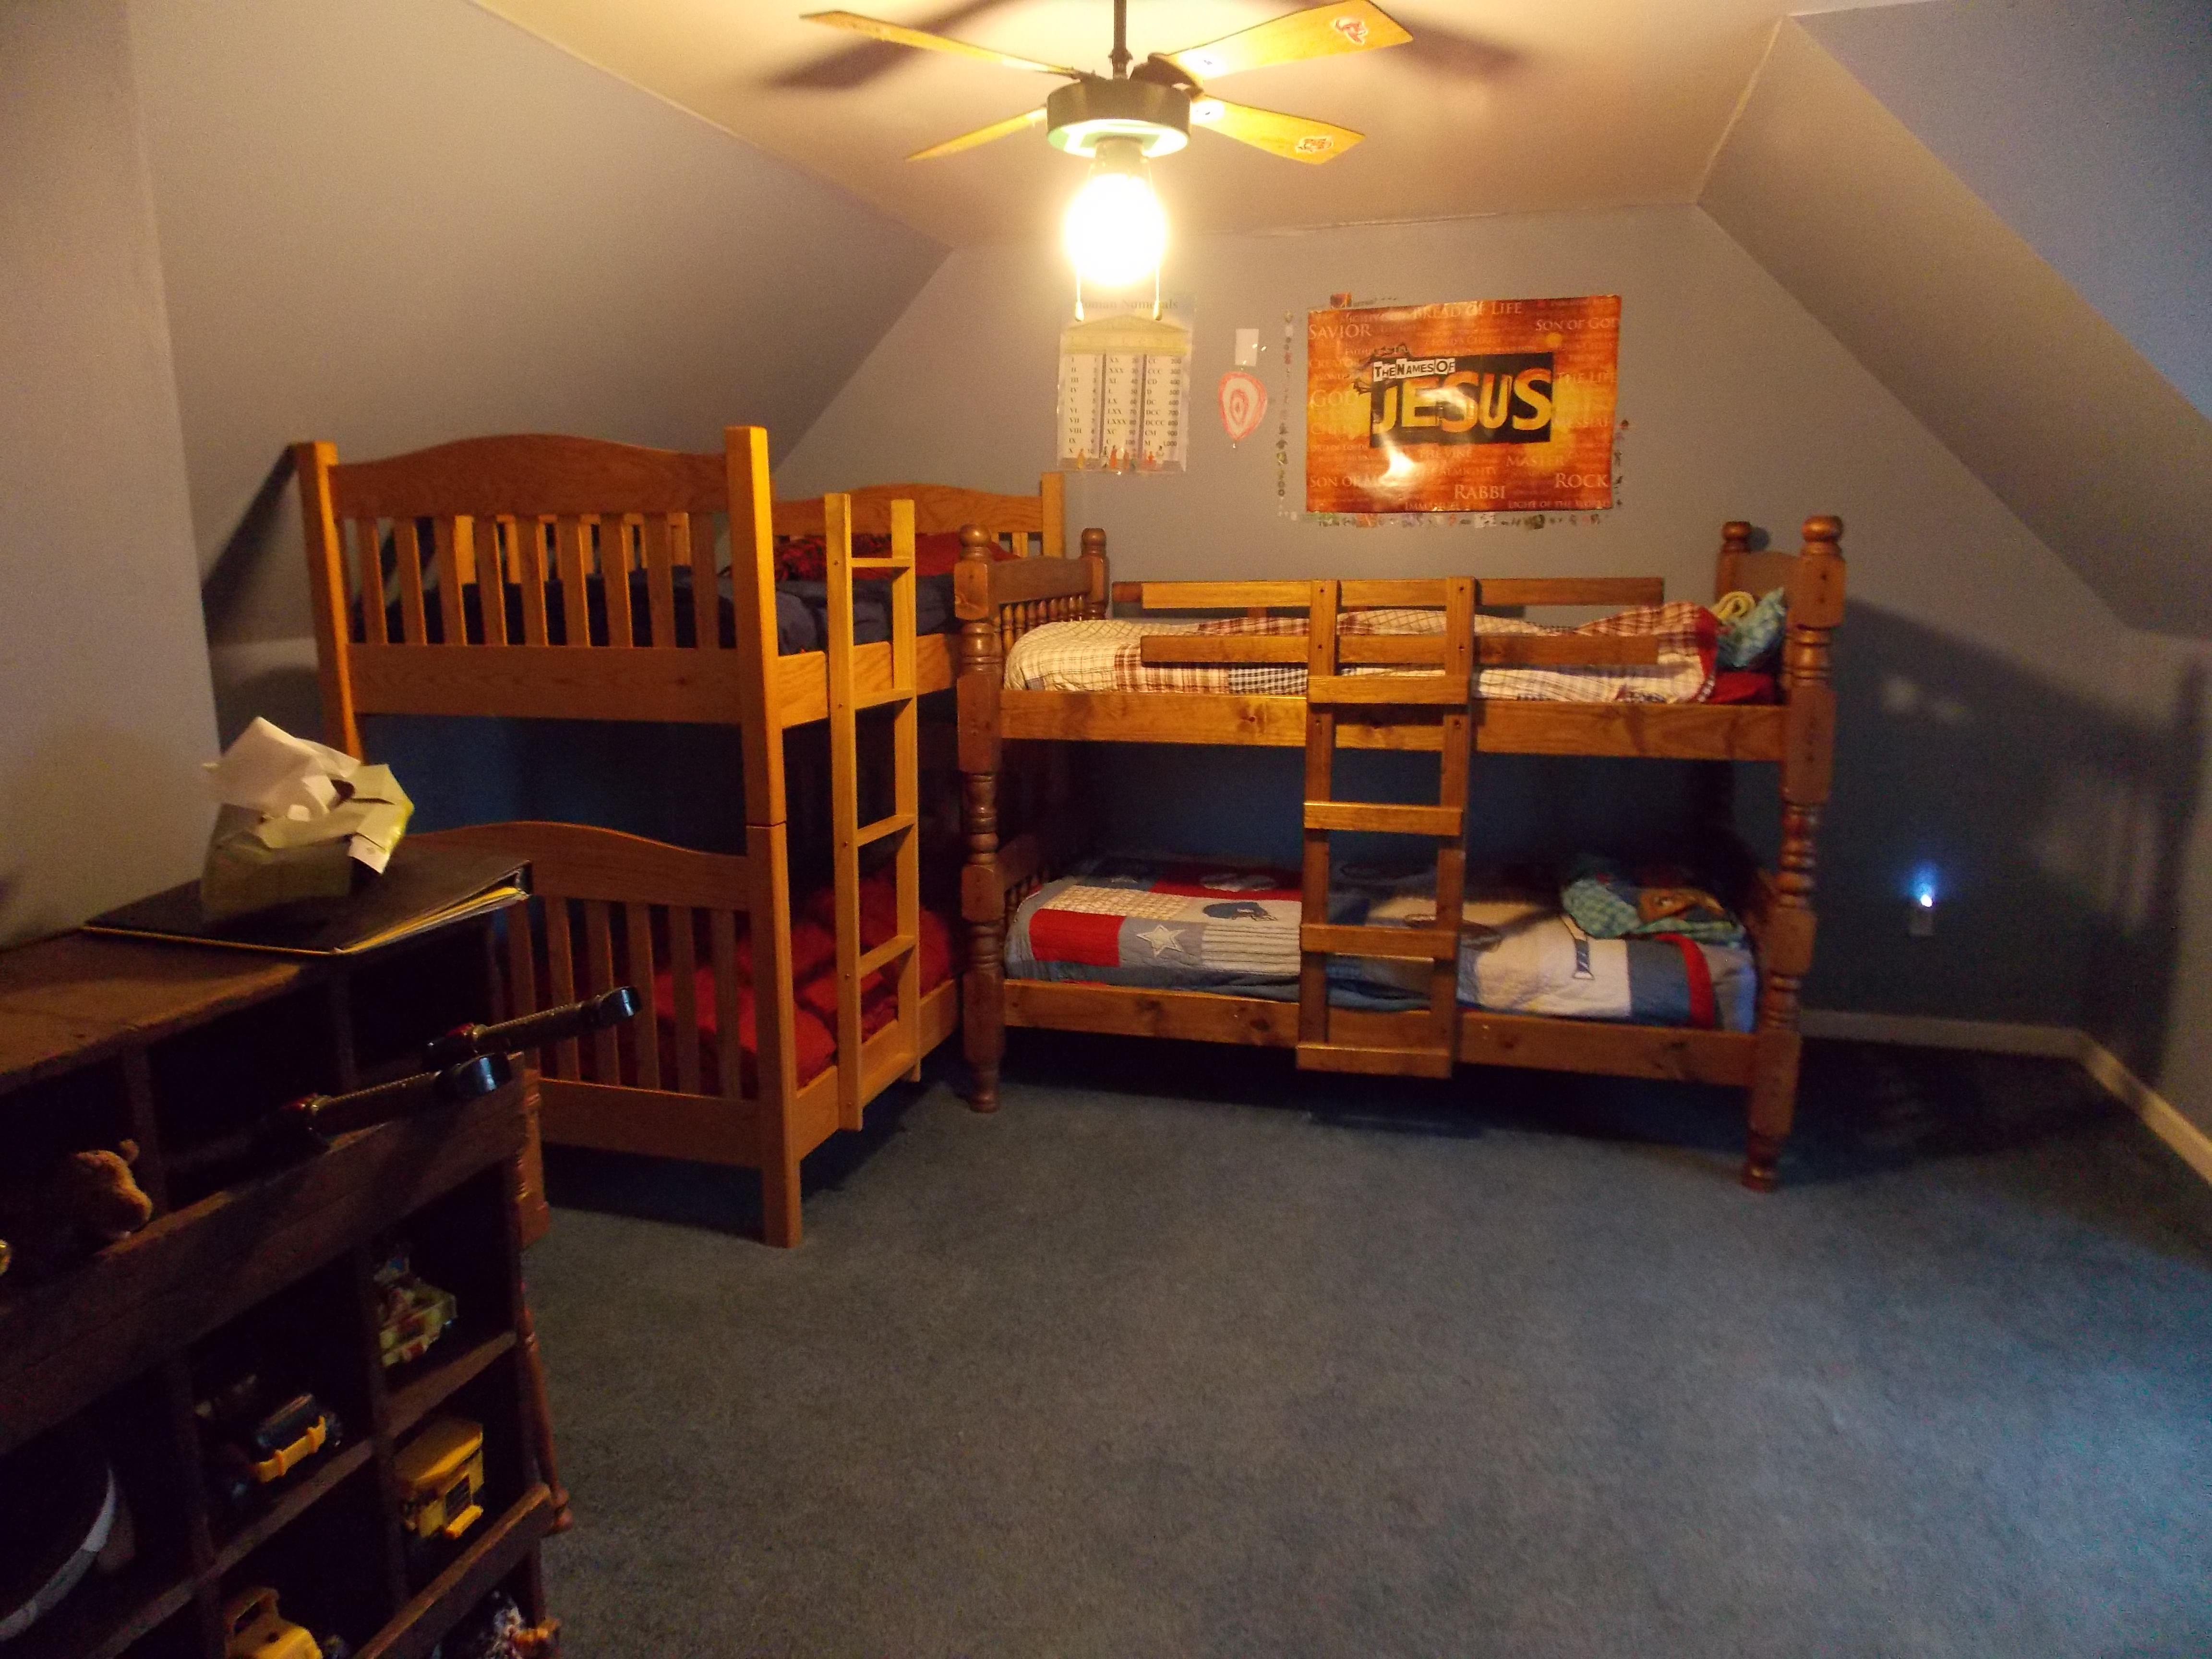 4 Boys 1 Bedroom Quiver Full Of Blessings